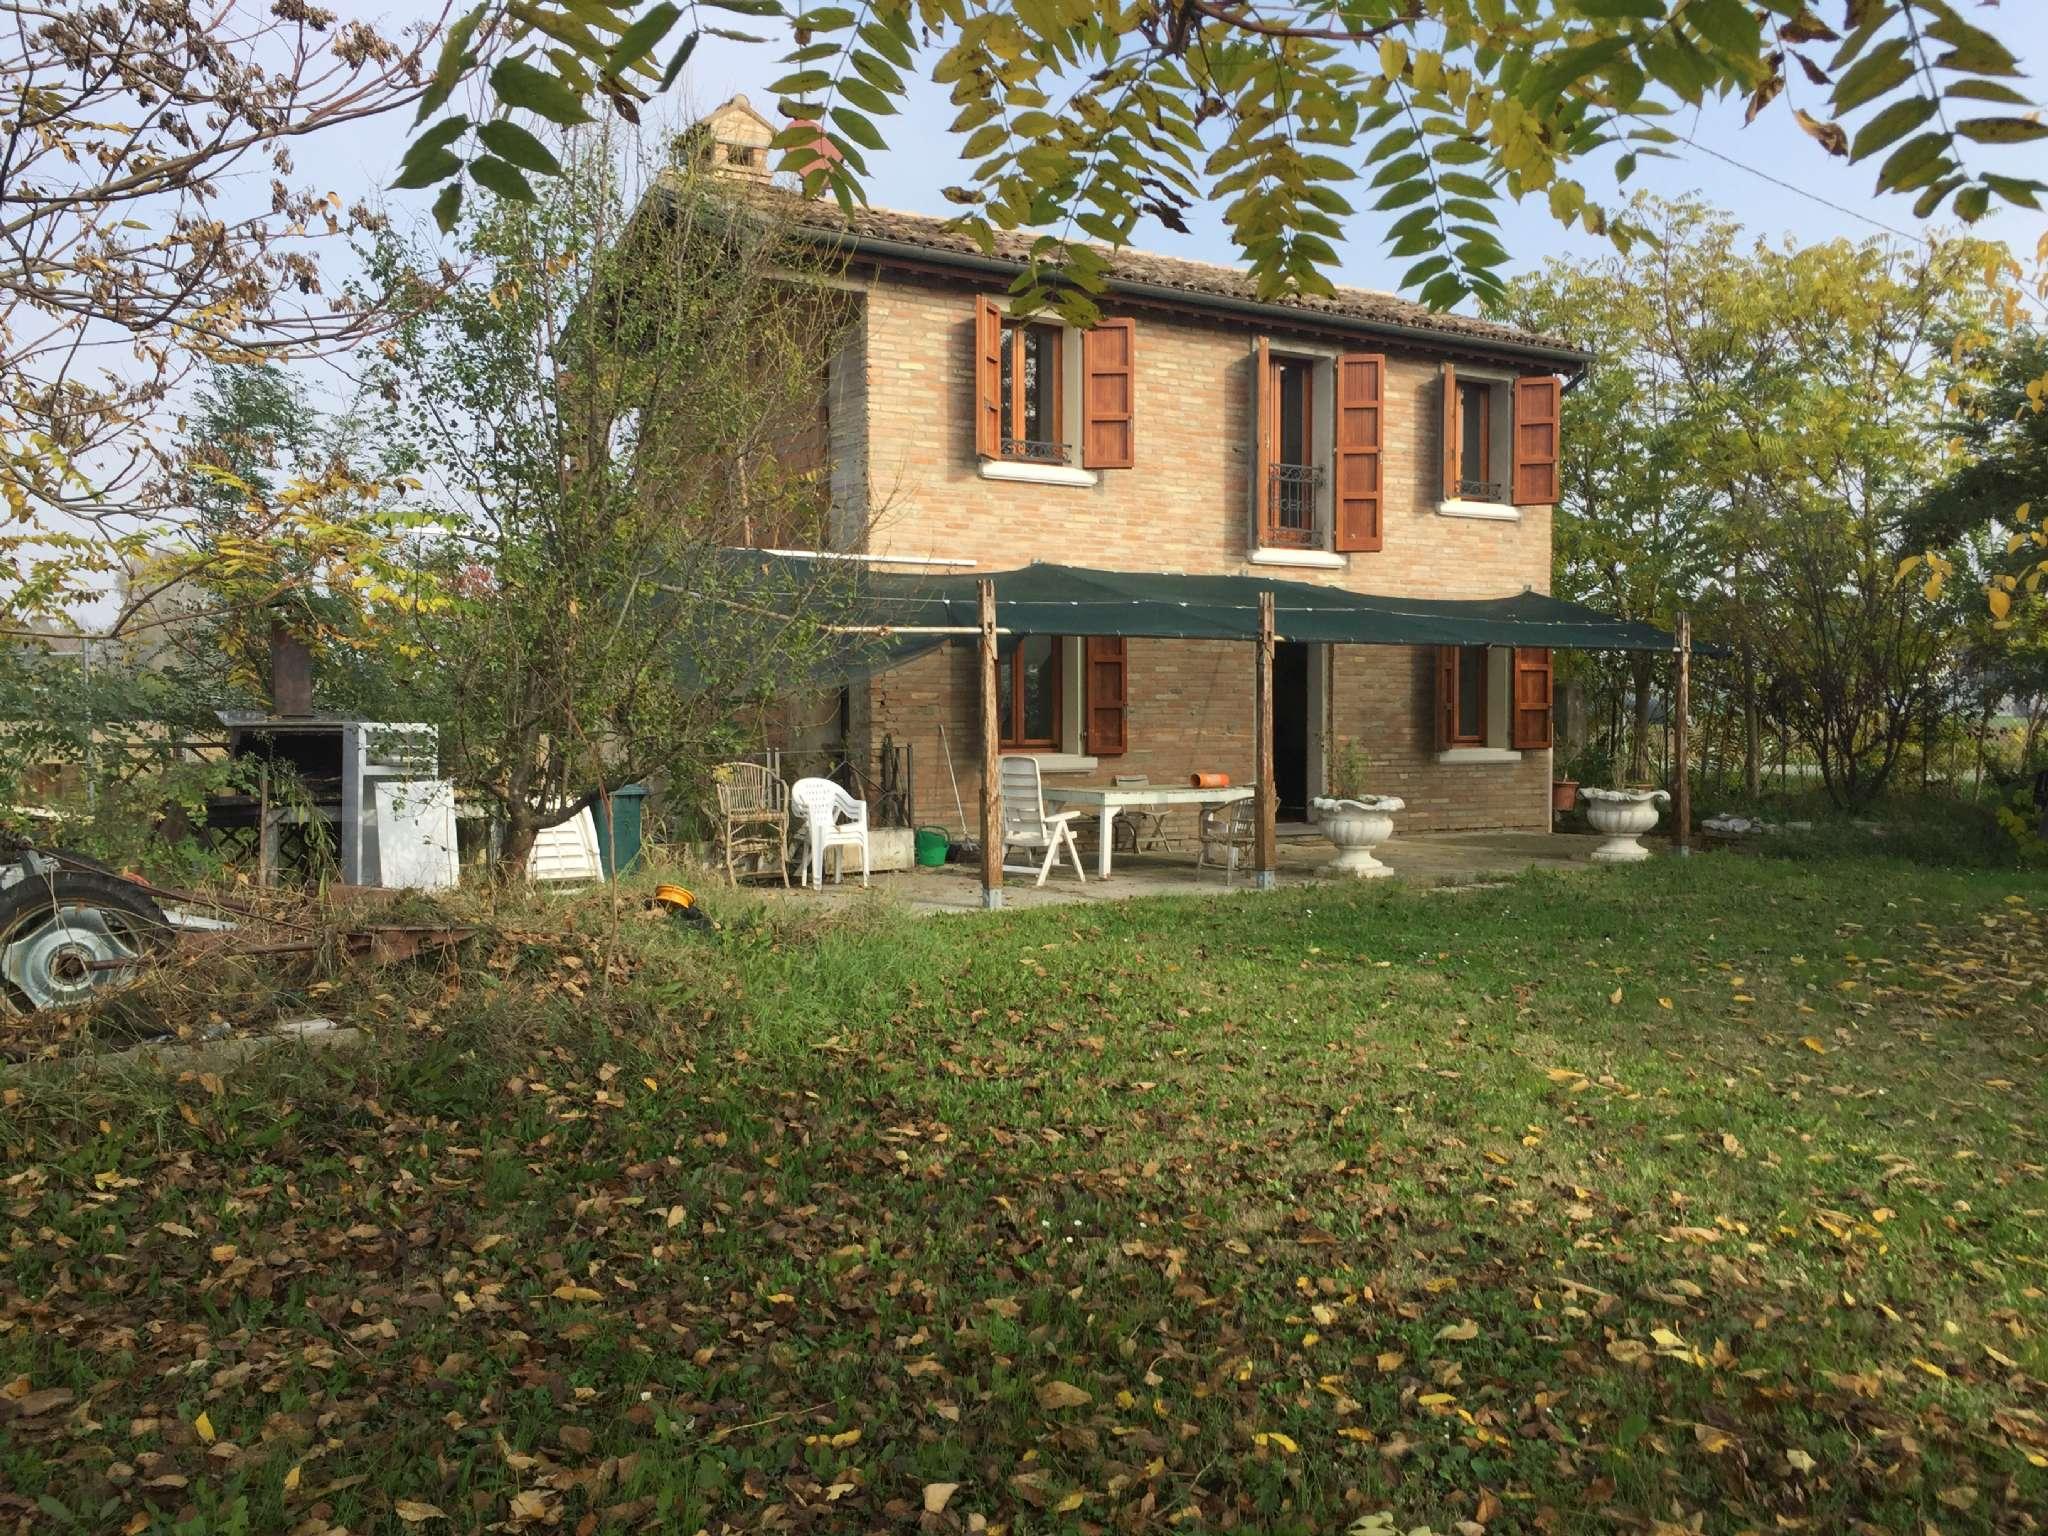 Rustico / Casale in vendita a Ravenna, 4 locali, prezzo € 180.000   Cambio Casa.it